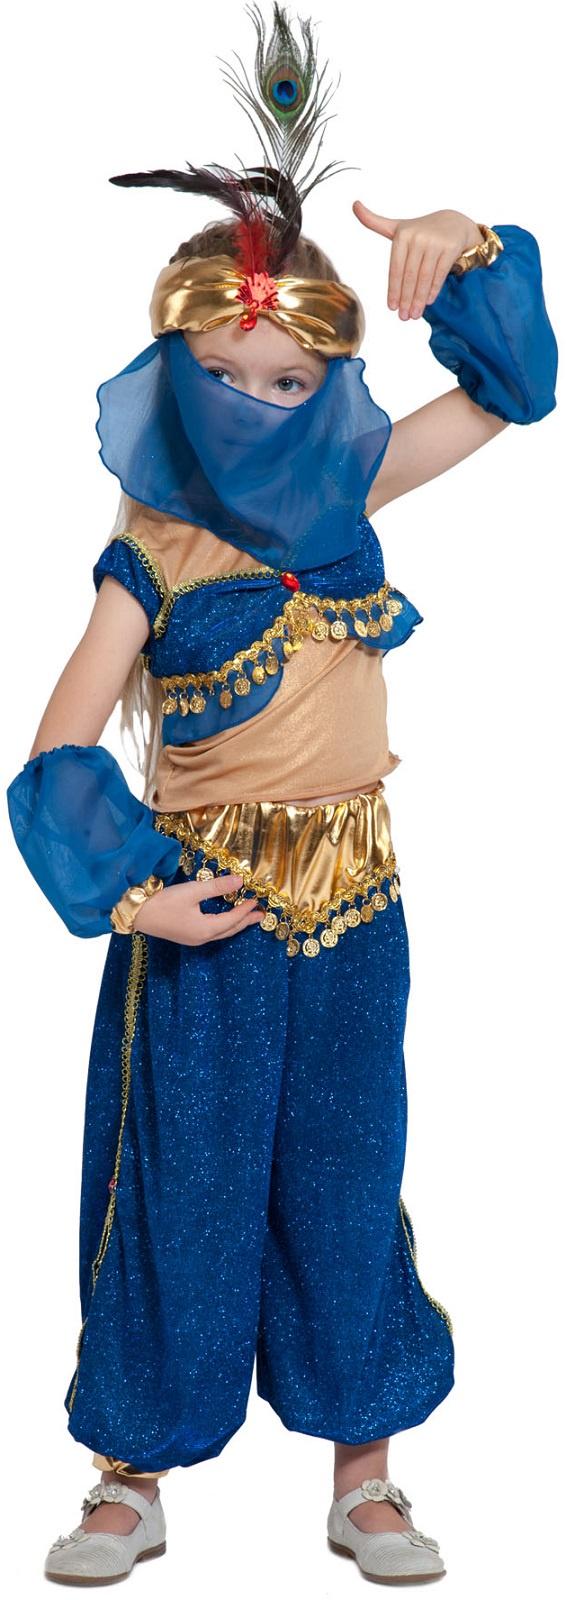 цена Карнавалофф Карнавальный костюм Шахерезада онлайн в 2017 году